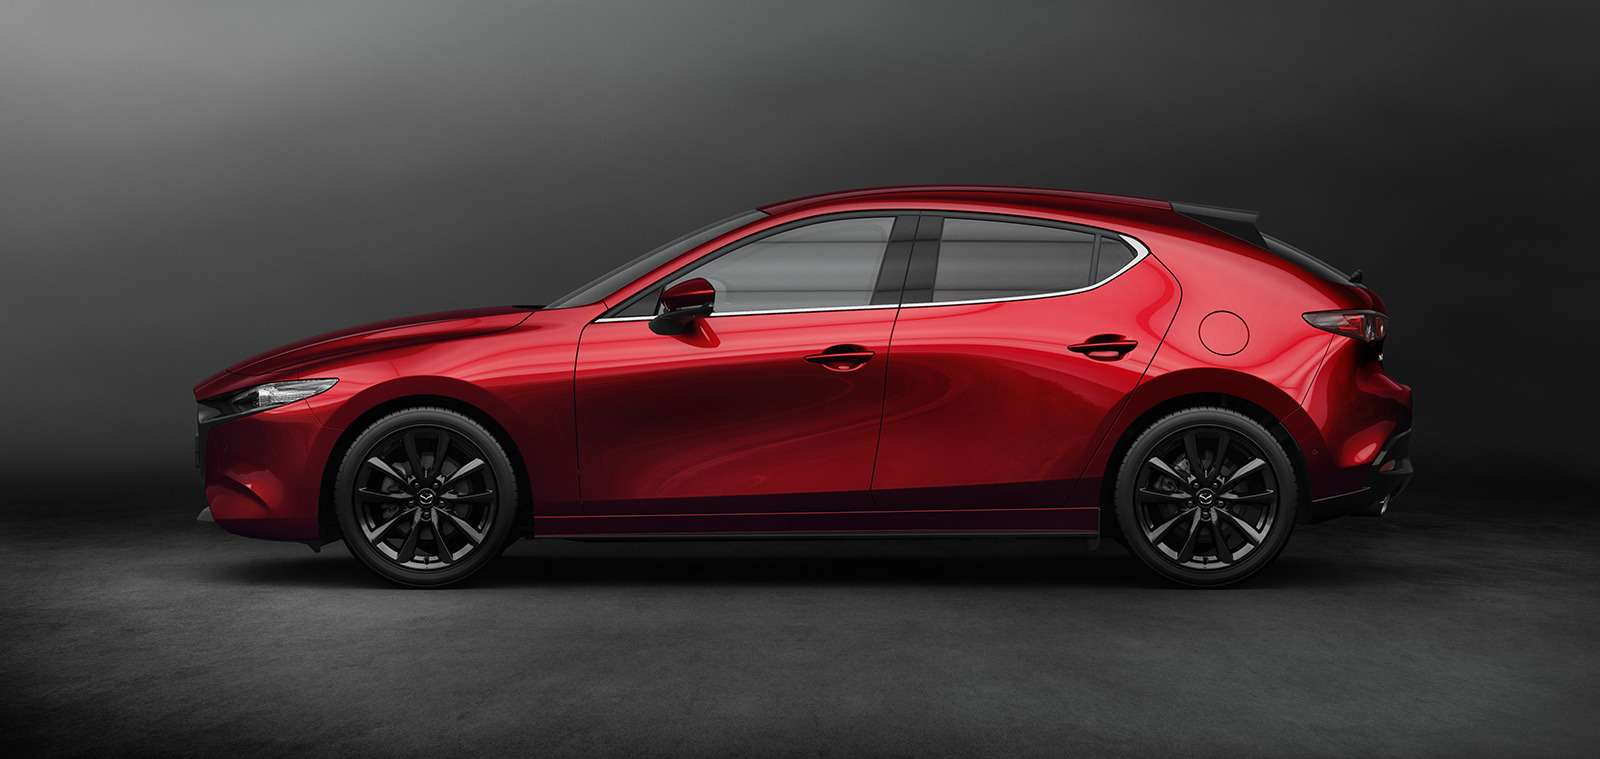 Новая Mazda 3: рассматриваем вдеталях совсех сторон— фото 928210